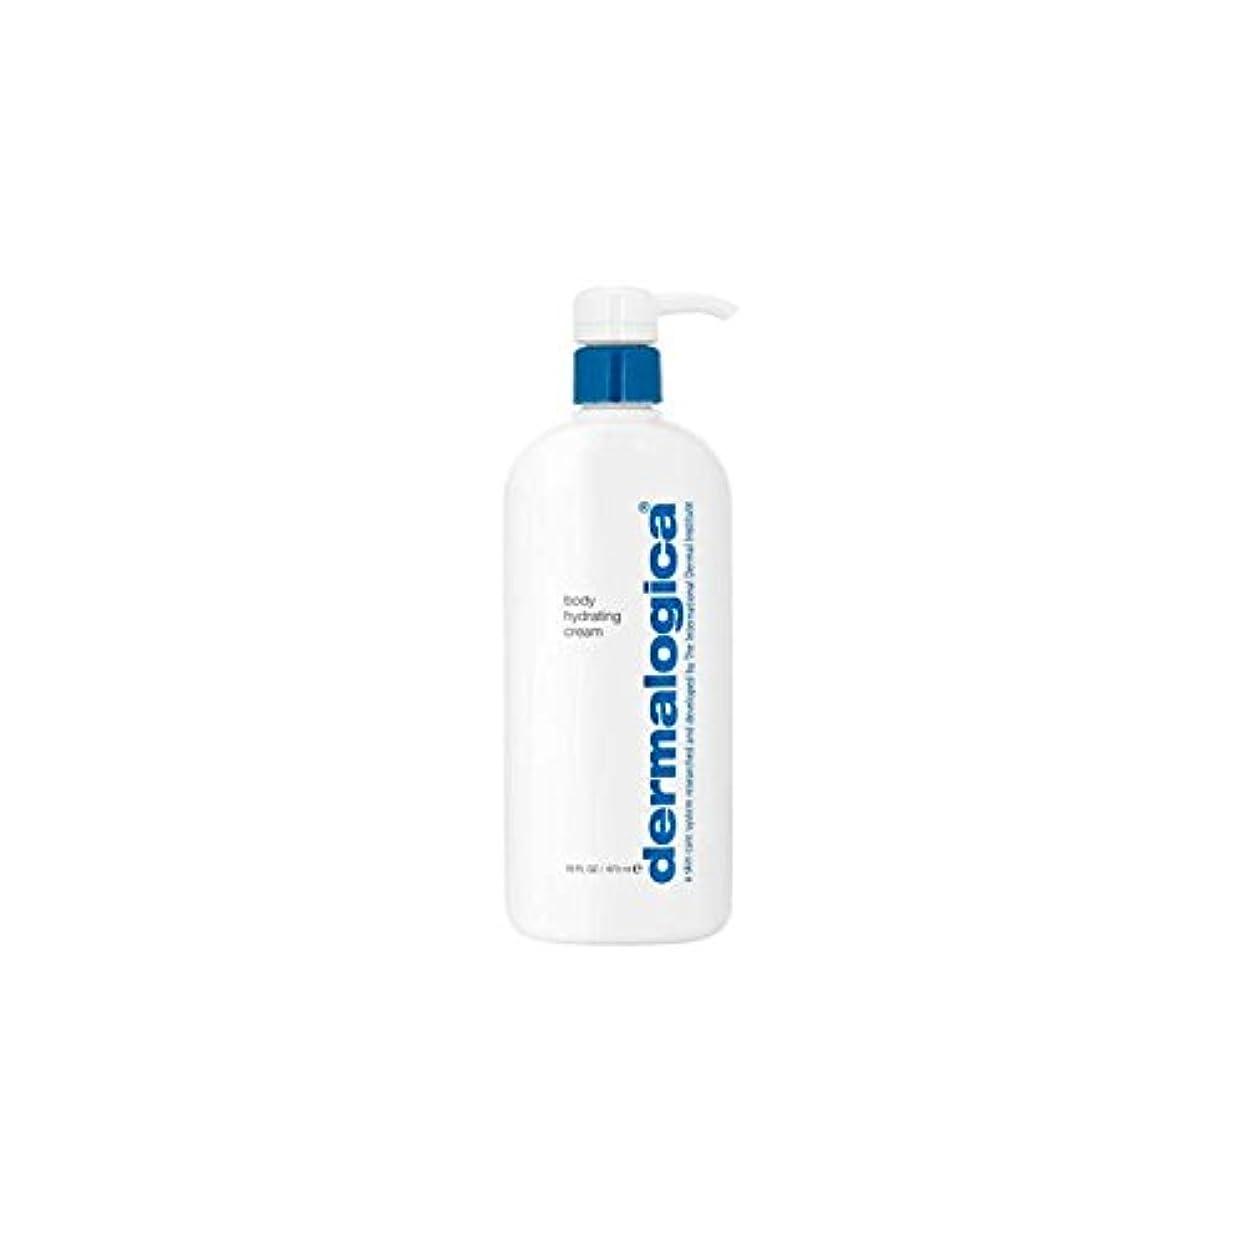 露骨な大胆な今後[Dermalogica ] ダーマロジカボディハイドレイティングクリーム(473ミリリットル) - Dermalogica Body Hydrating Cream (473ml) [並行輸入品]